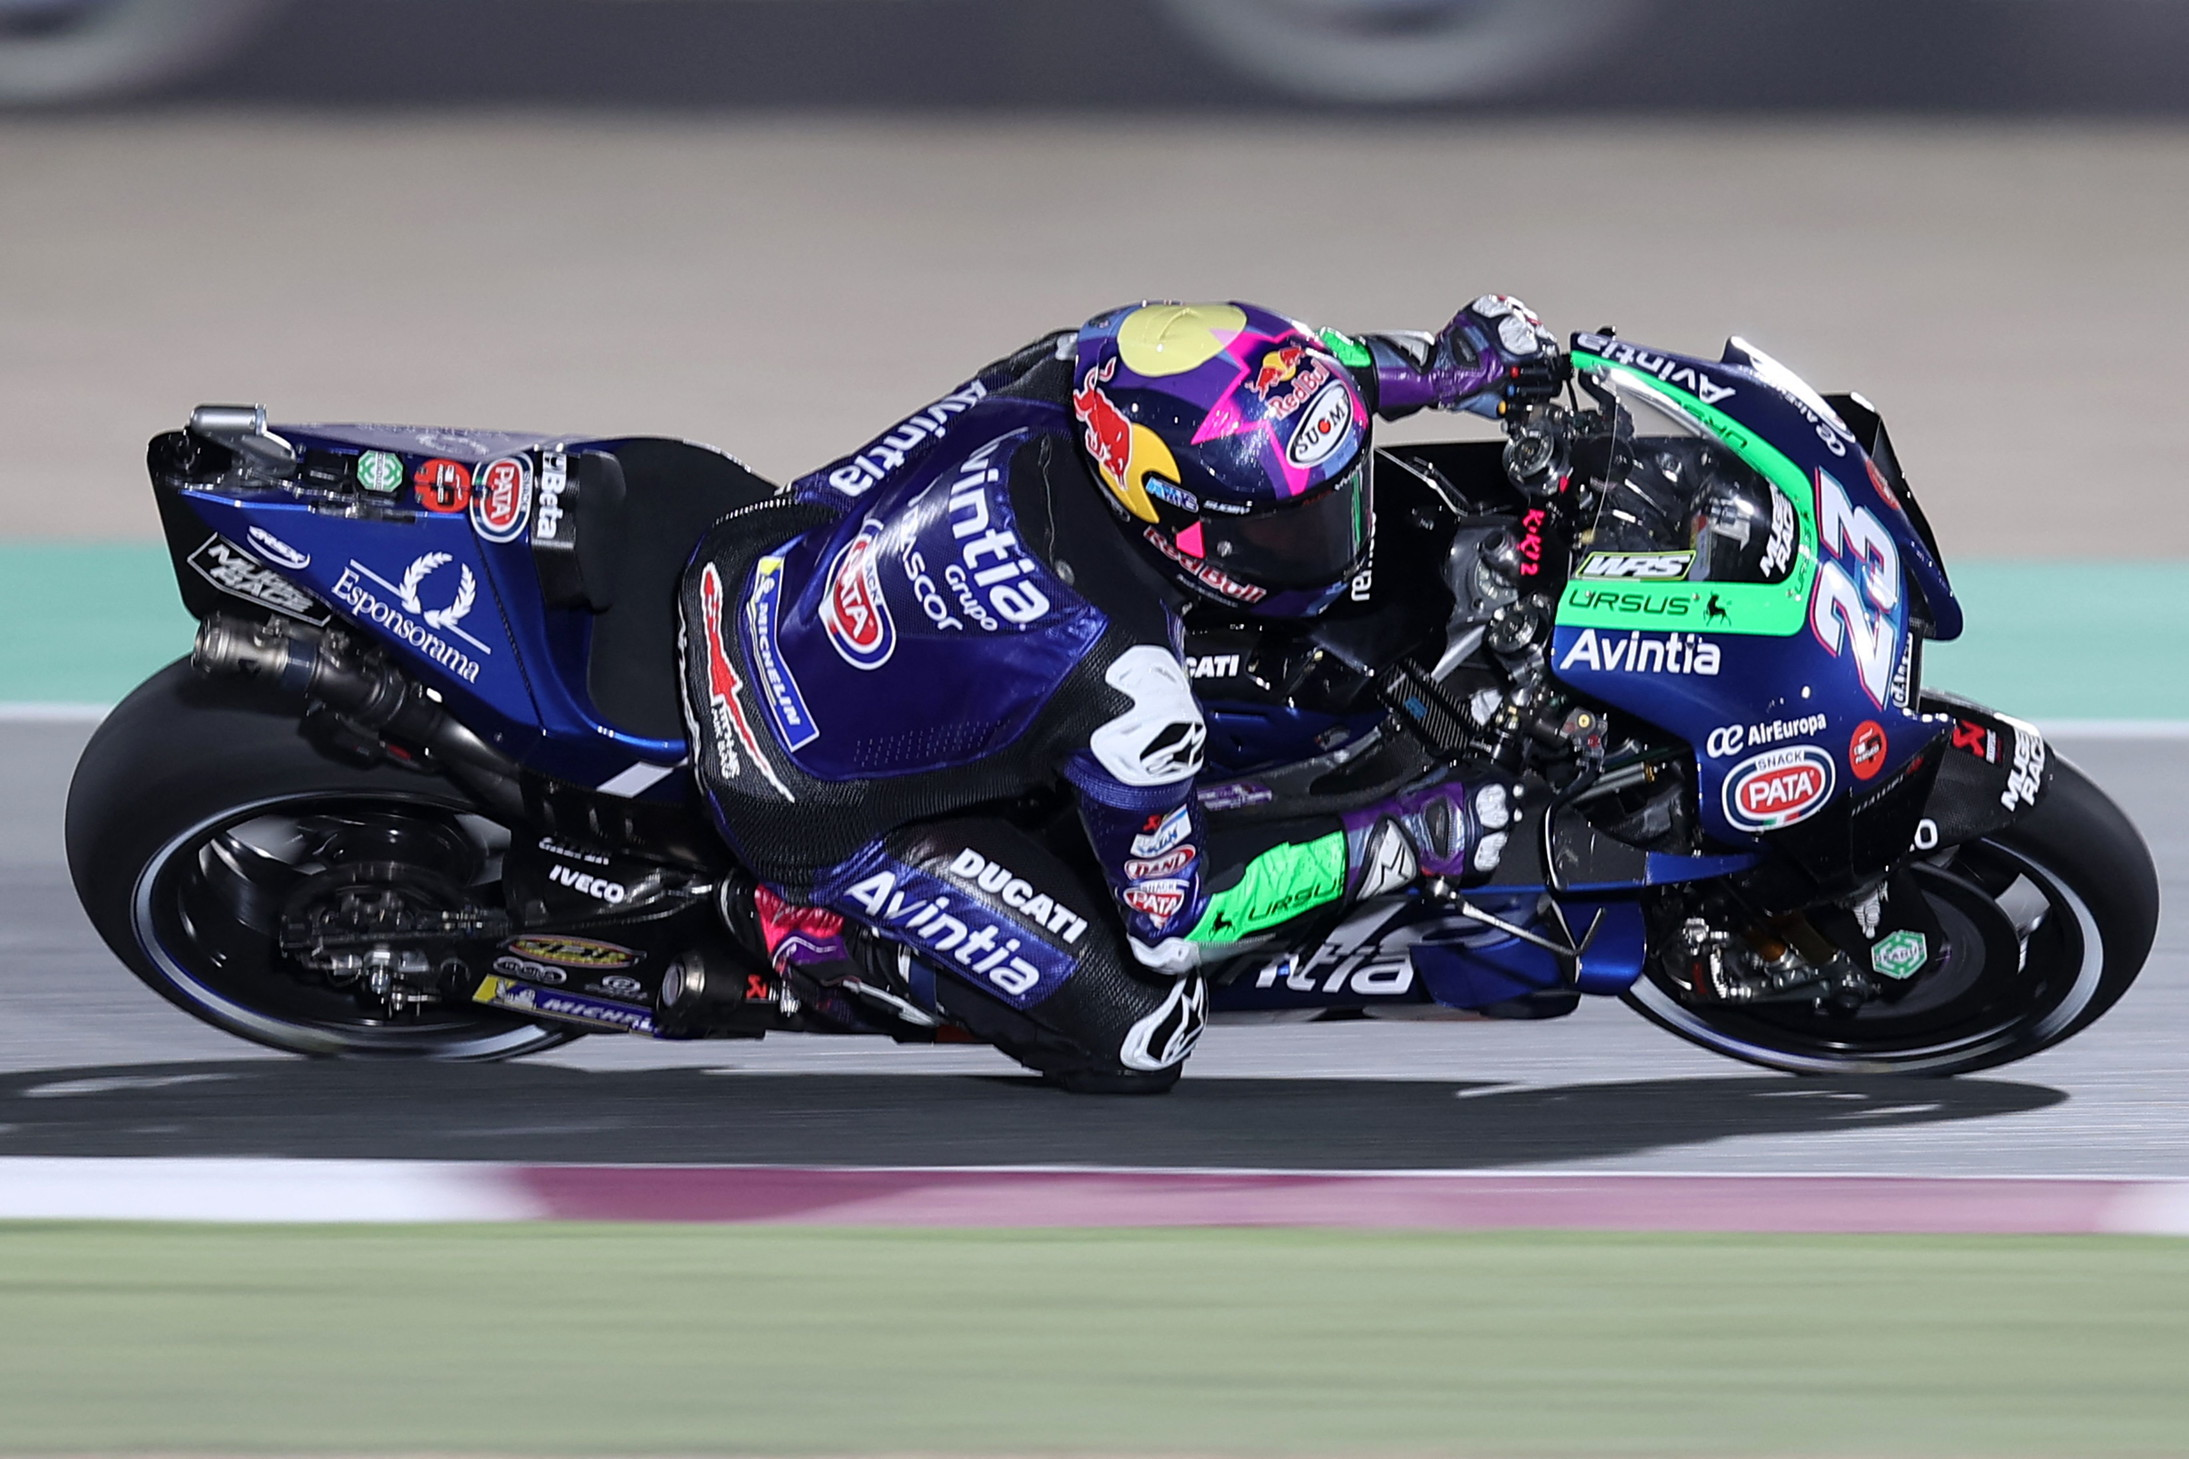 Prima pole in top class per il rookie Jorge Mart&igrave;n in sella alla Ducati del team Pramac. Il pilota spagnolo partir&agrave; in prima fila nel GP di Doha davanti al compagno di box Zarco e alla Yamaha factory di Vinales.<br /><br />